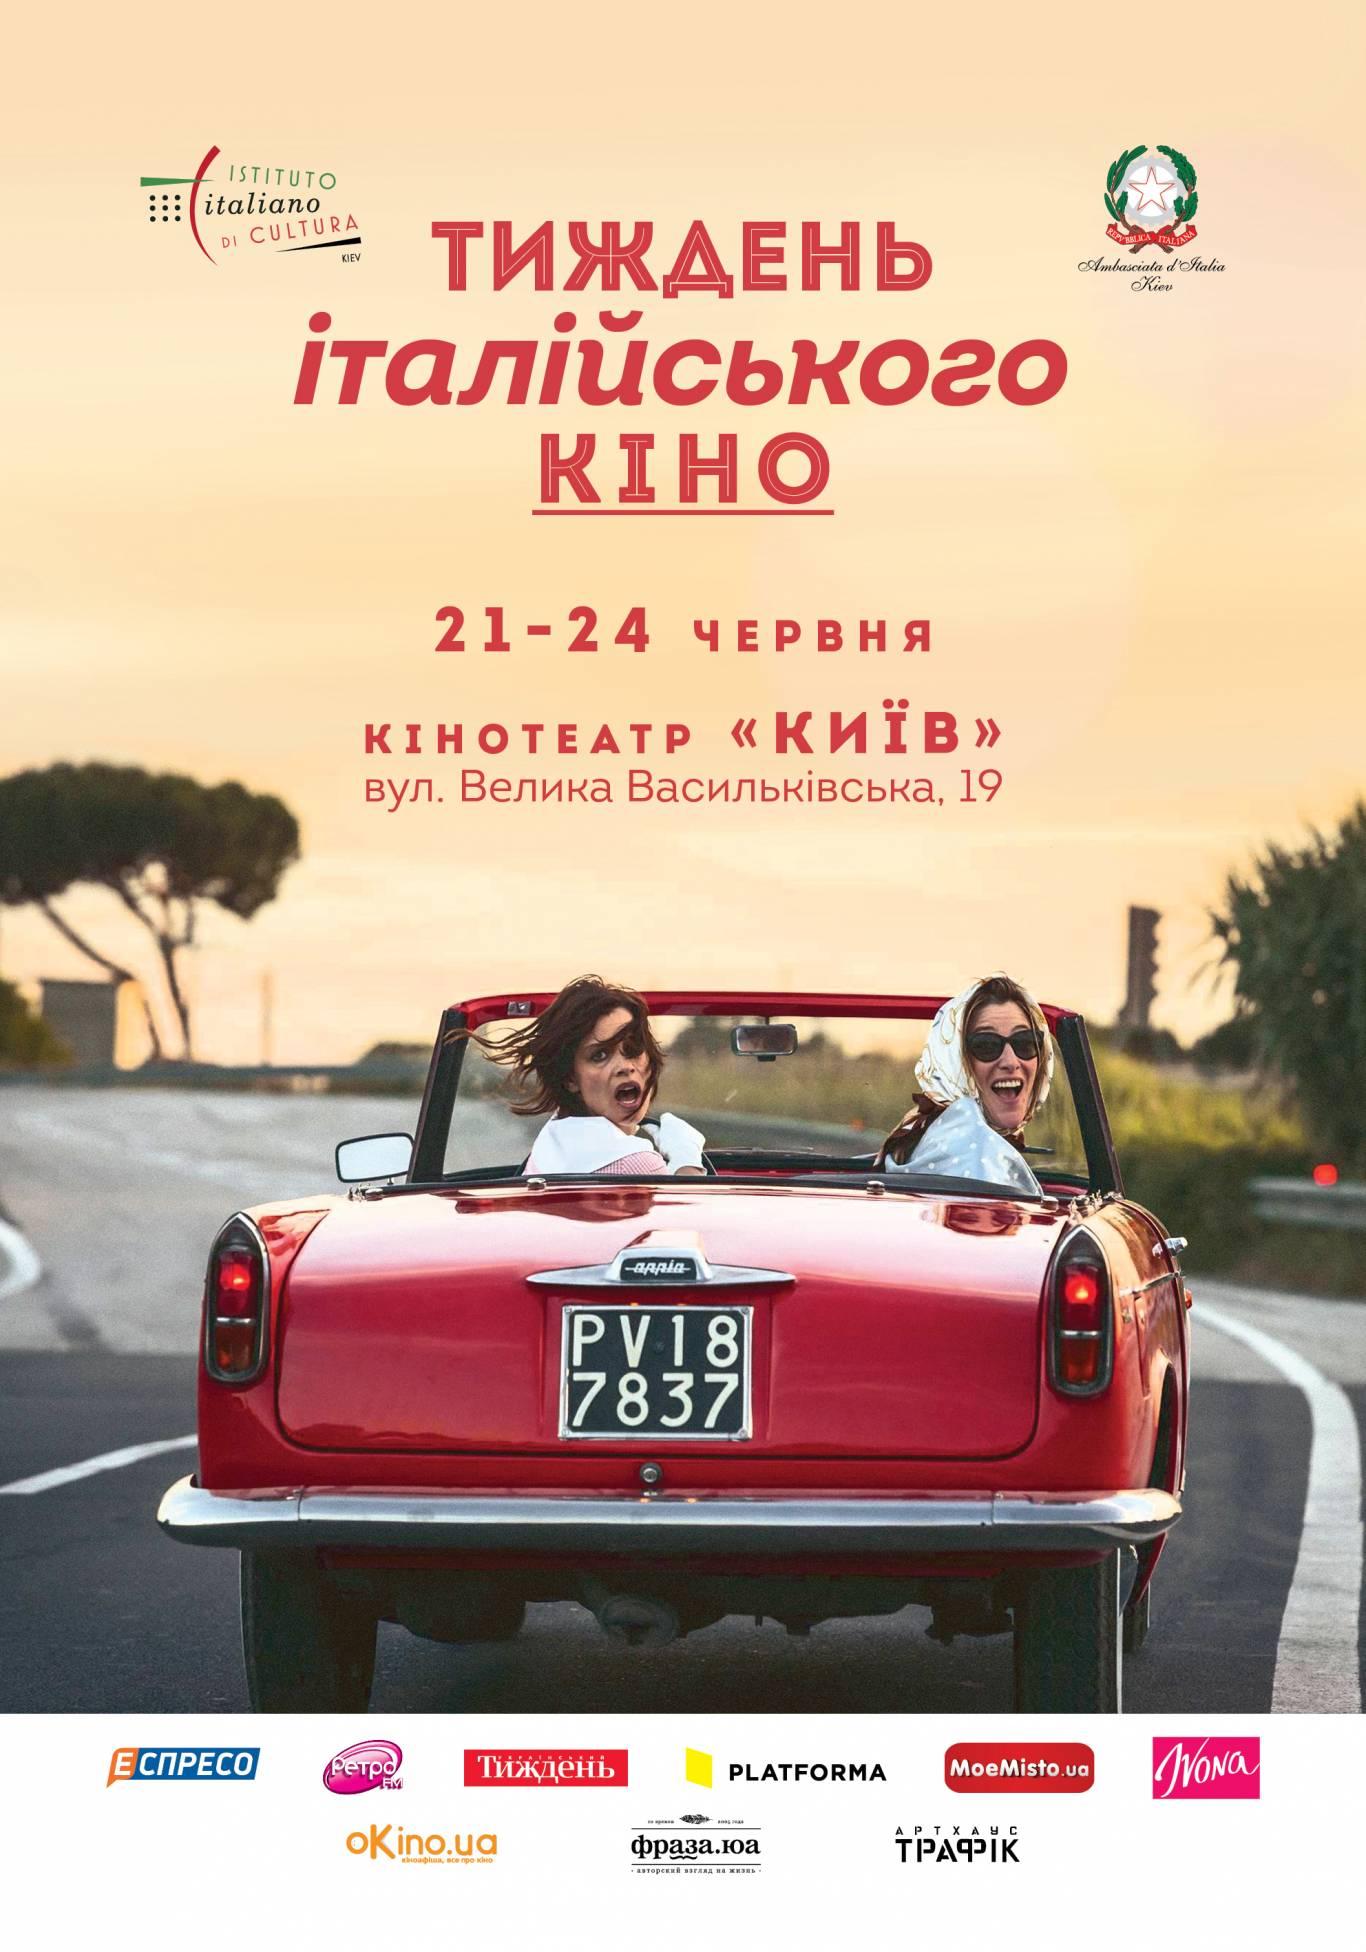 Тиждень італійського кіно